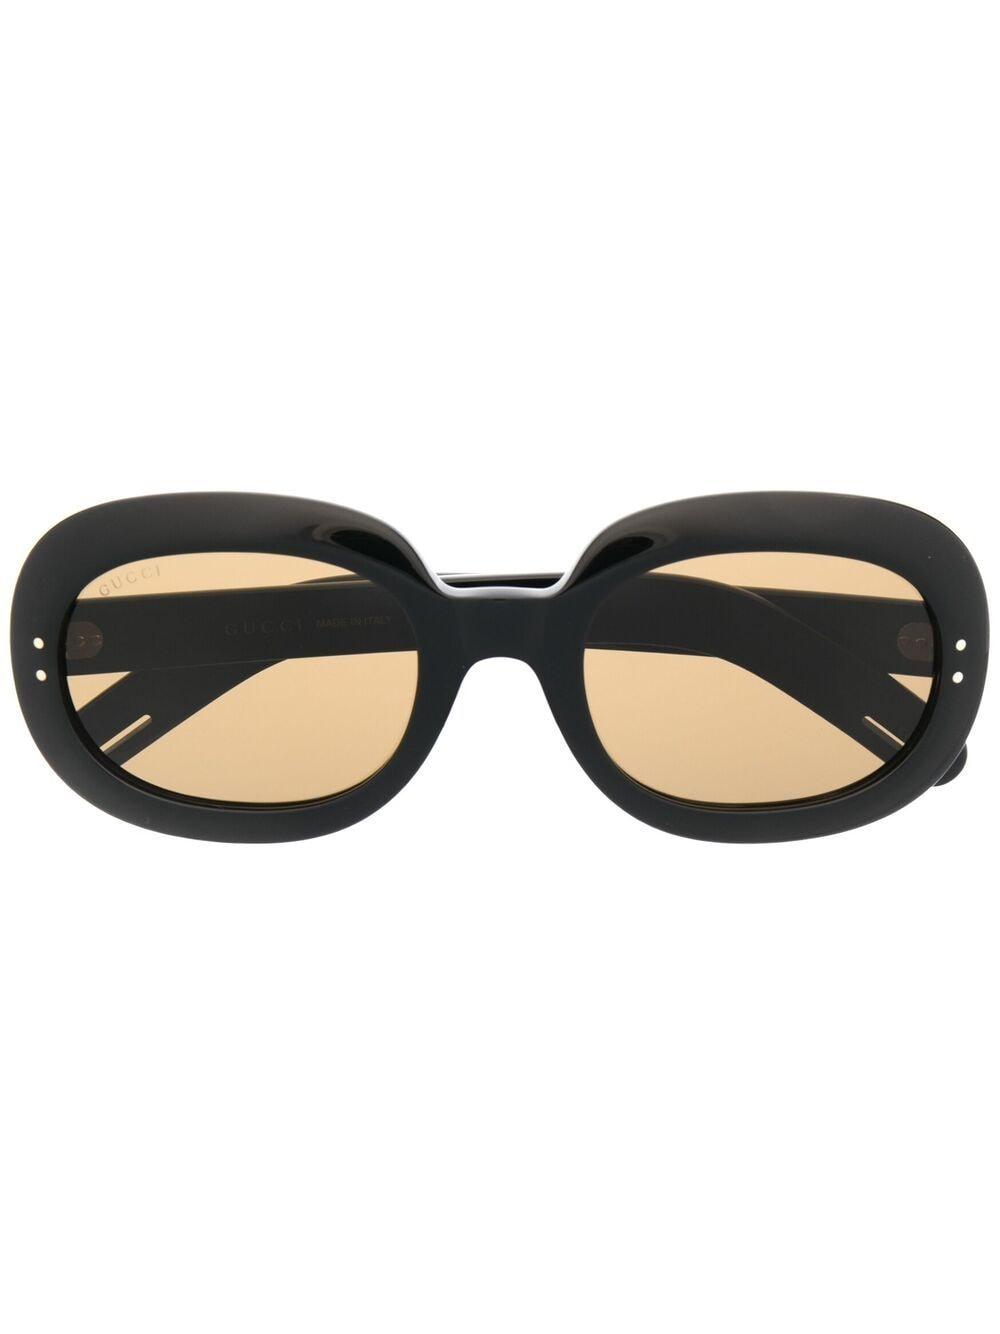 Gucci Eyewear Sonnenbrille mit ovalem Gestell - Schwarz